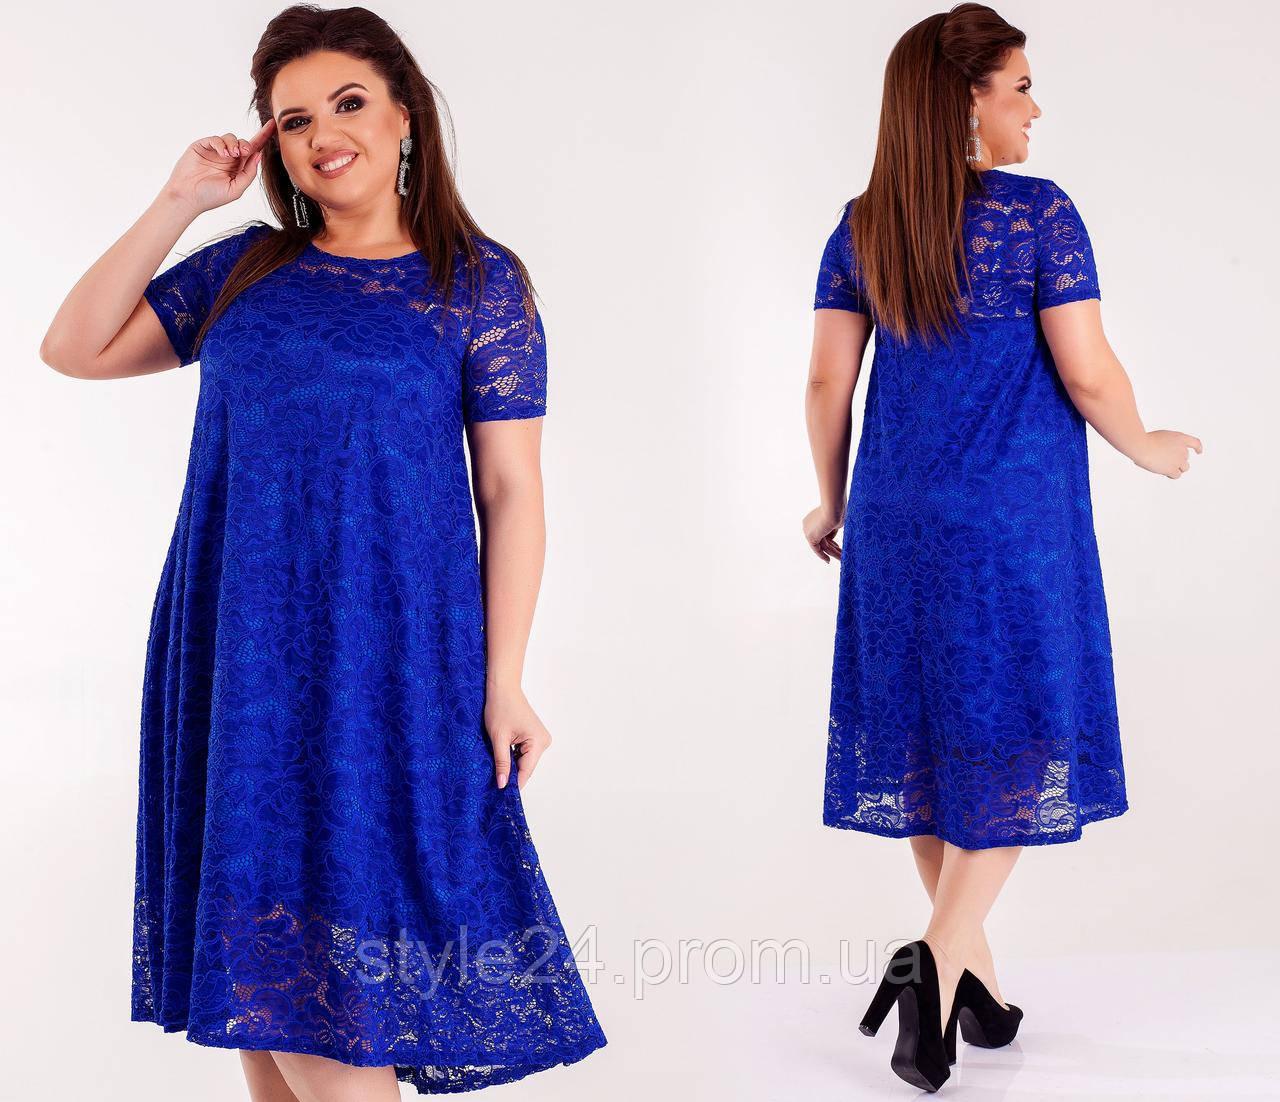 044b7a87f16ecc Шикарне гіпюрове плаття вільного пошиття ,4 кольори.Р-ри 50-64 ...